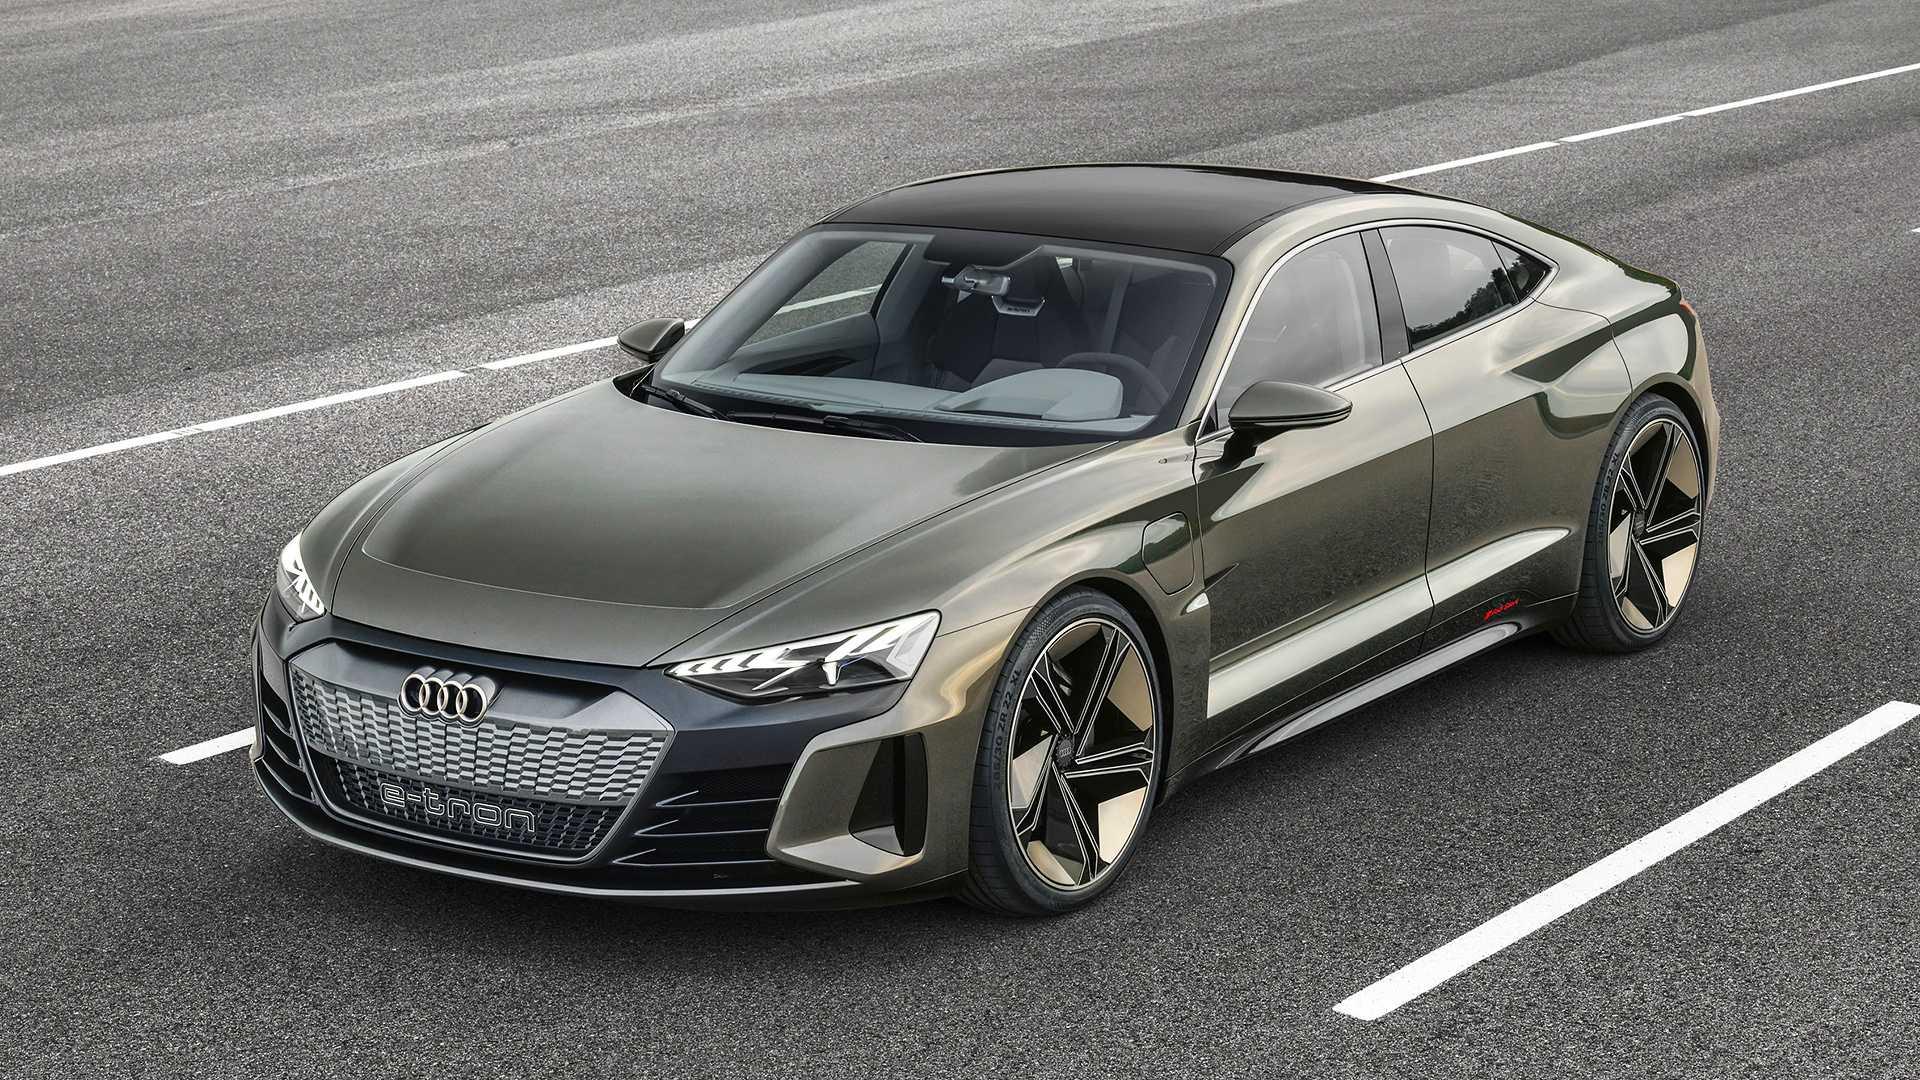 2019 Audi e-tron GT konsepti